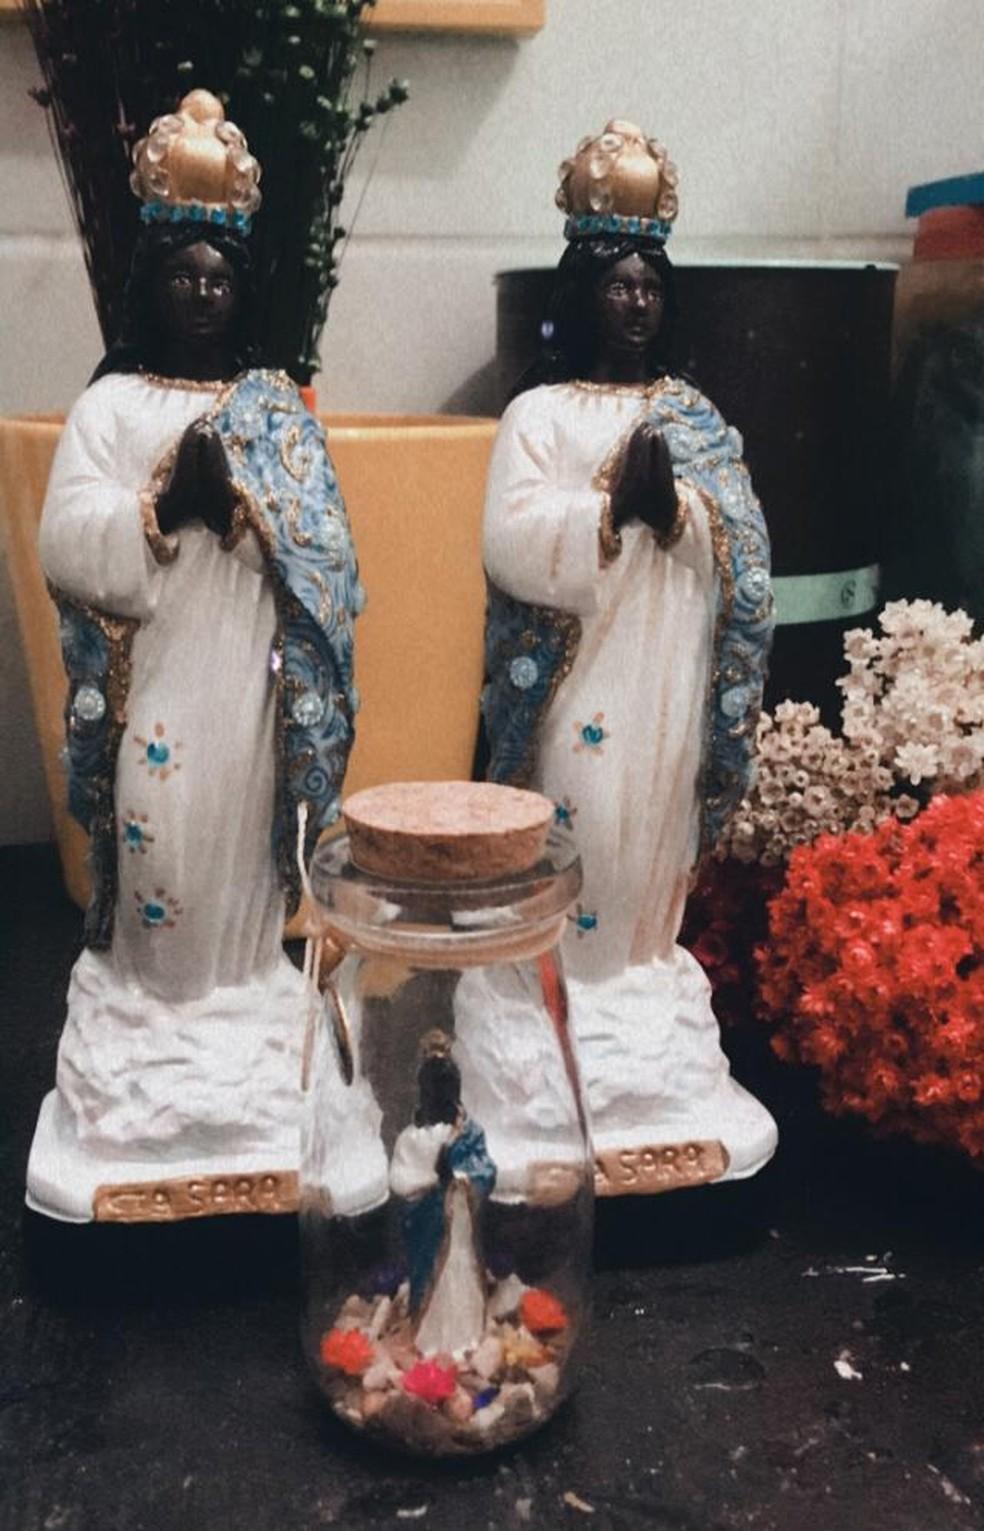 Projeto de conscientização ambiental foi bem recebido por religiosos — Foto: Arquivo Pessoal